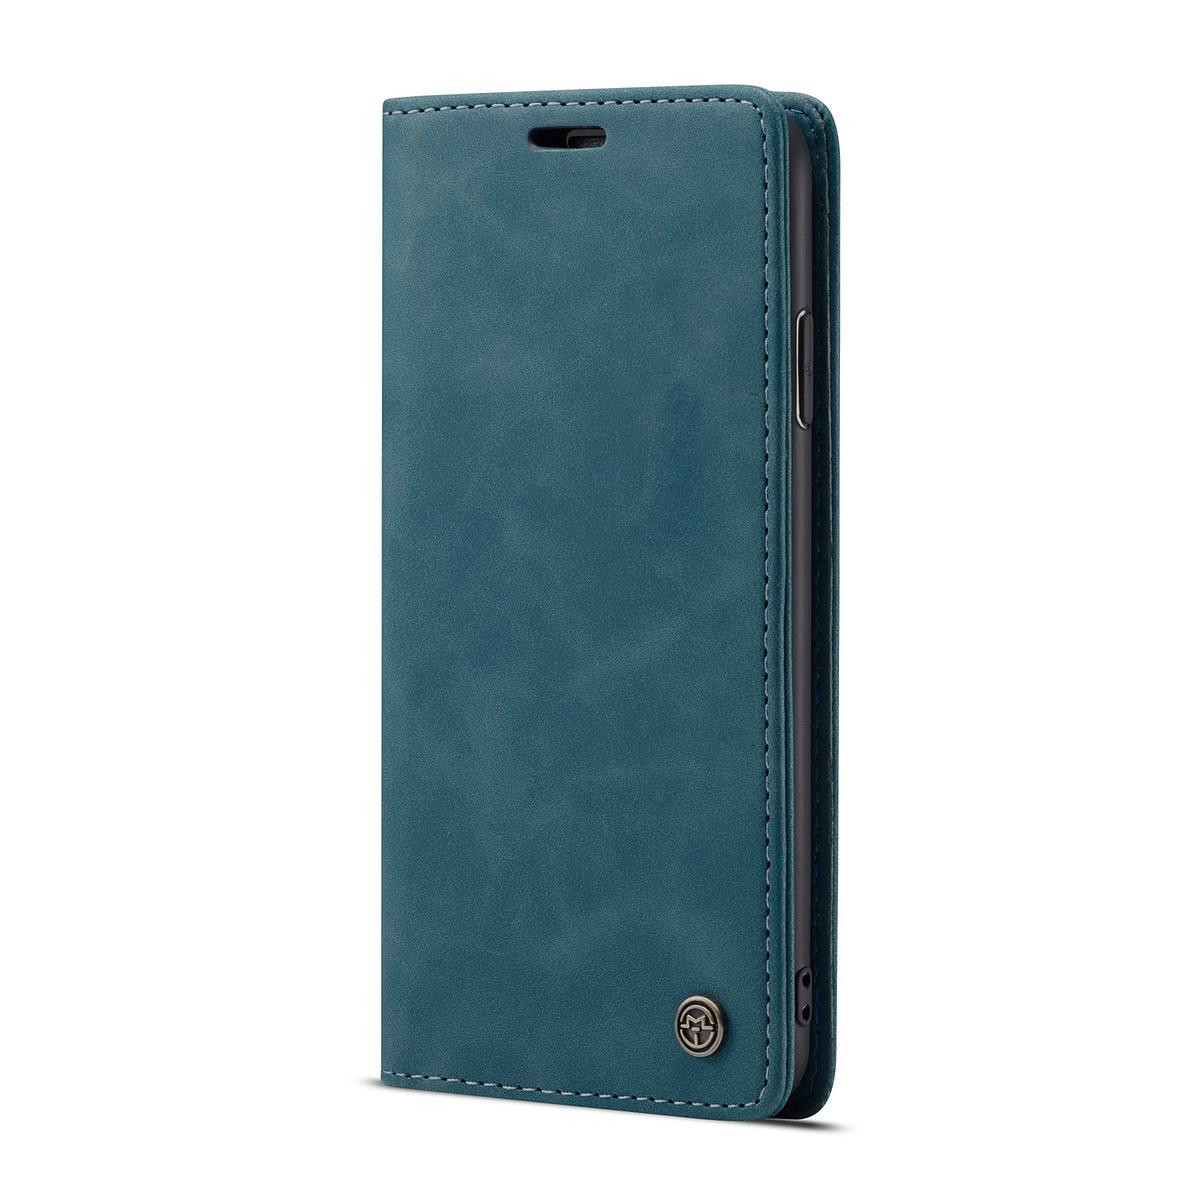 CaseMe plånboksfodral med ställ till iPhone XR, blå